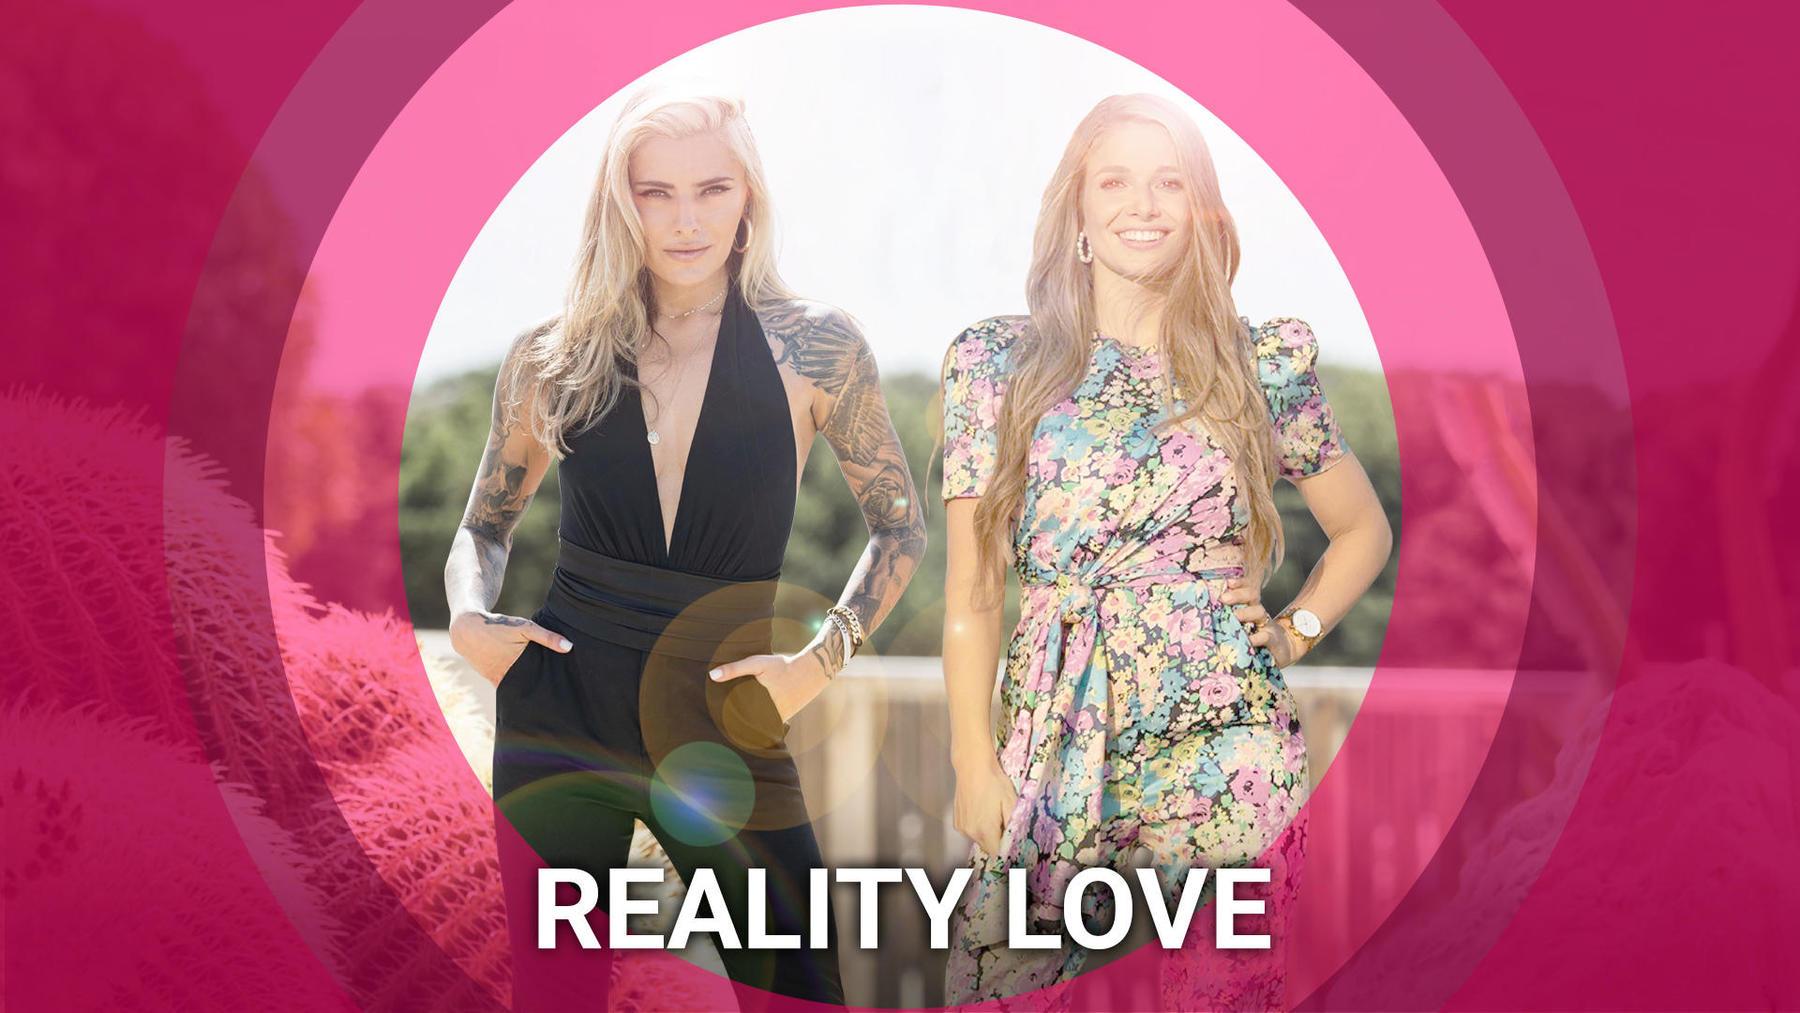 We love Reality